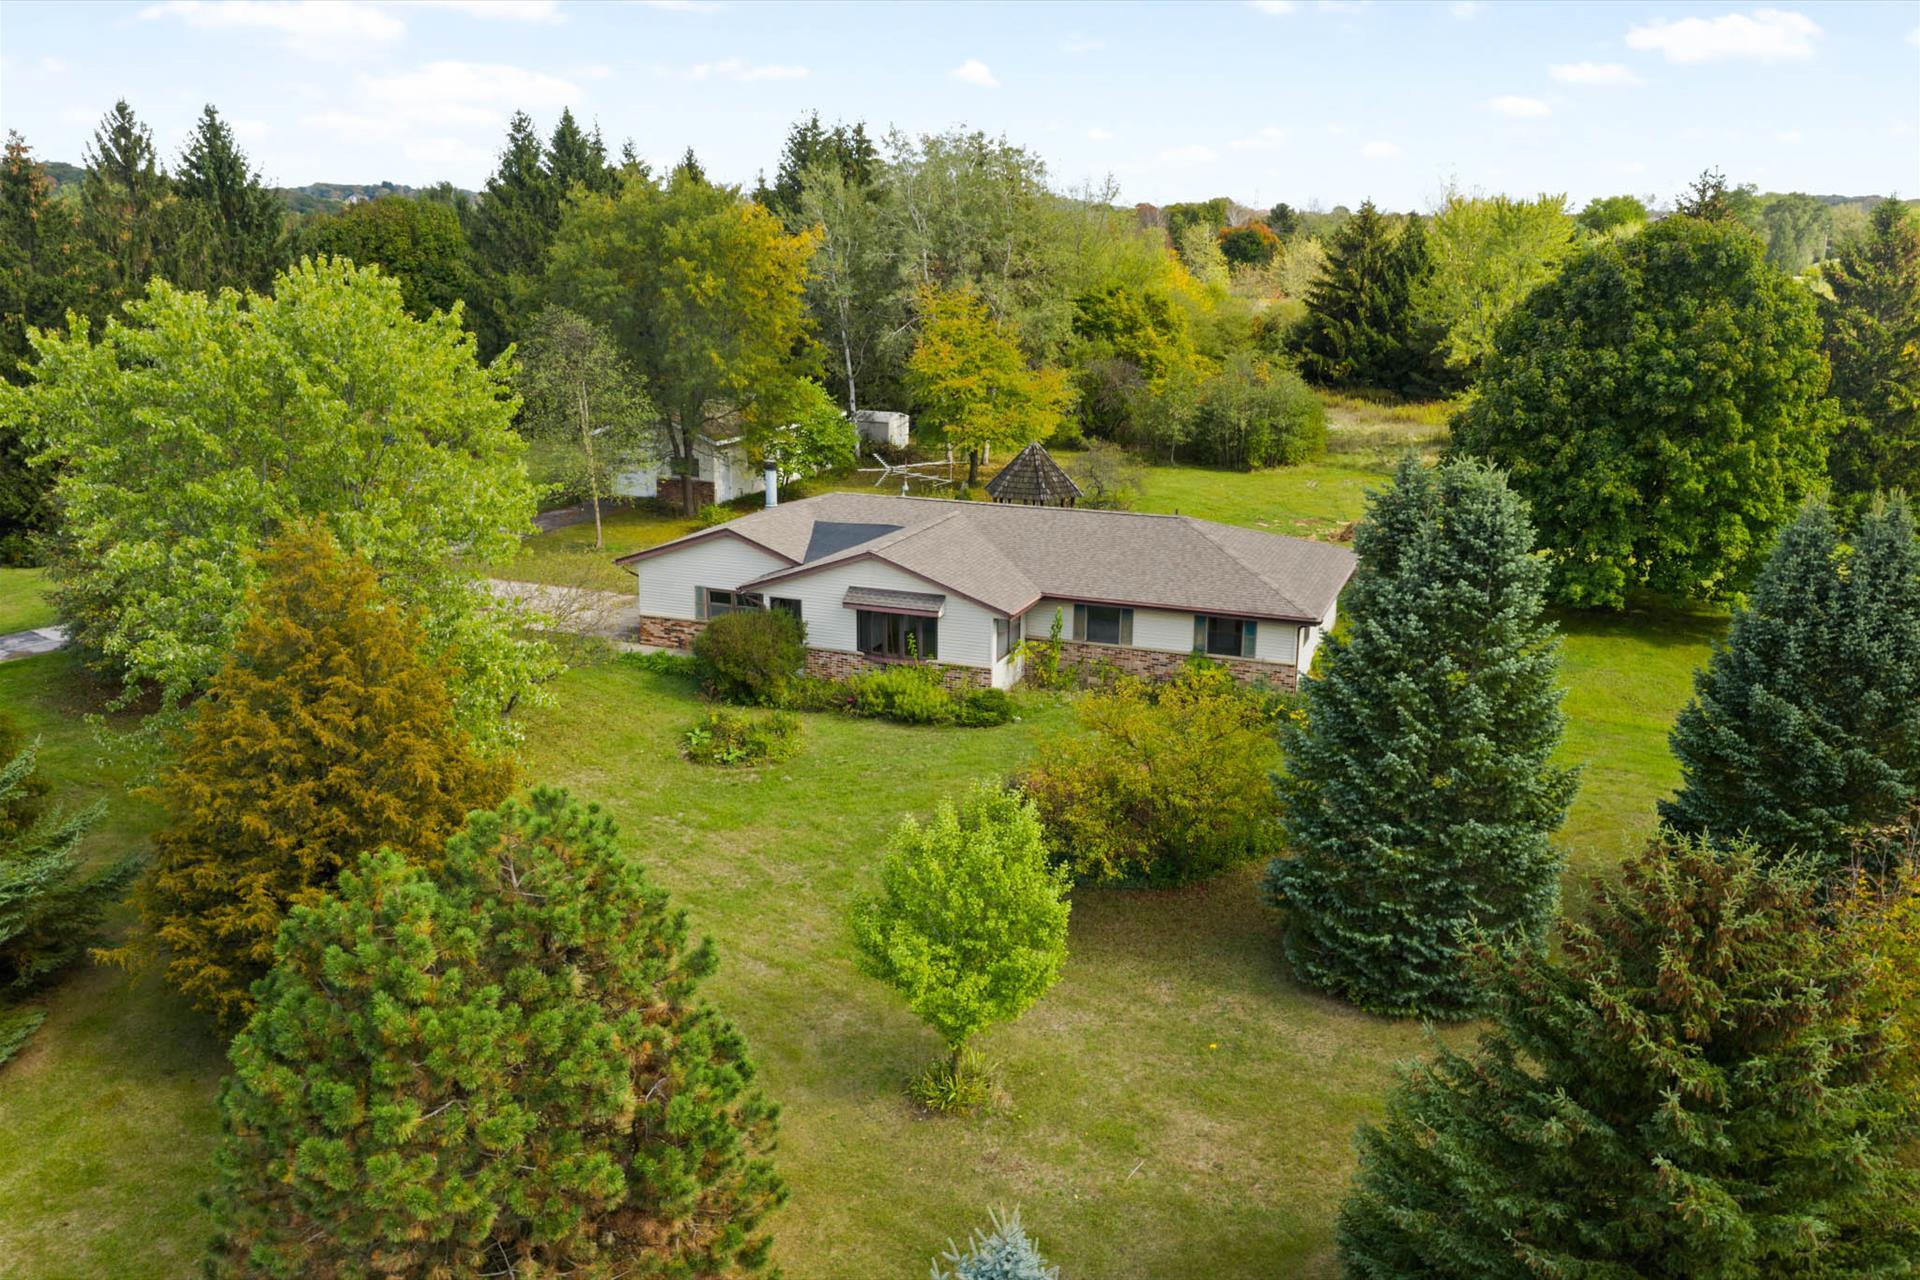 W239S5144 Highway 164, Waukesha, Wisconsin 53189, 3 Bedrooms Bedrooms, 7 Rooms Rooms,1 BathroomBathrooms,Single-Family,For Sale,Highway 164,1767321